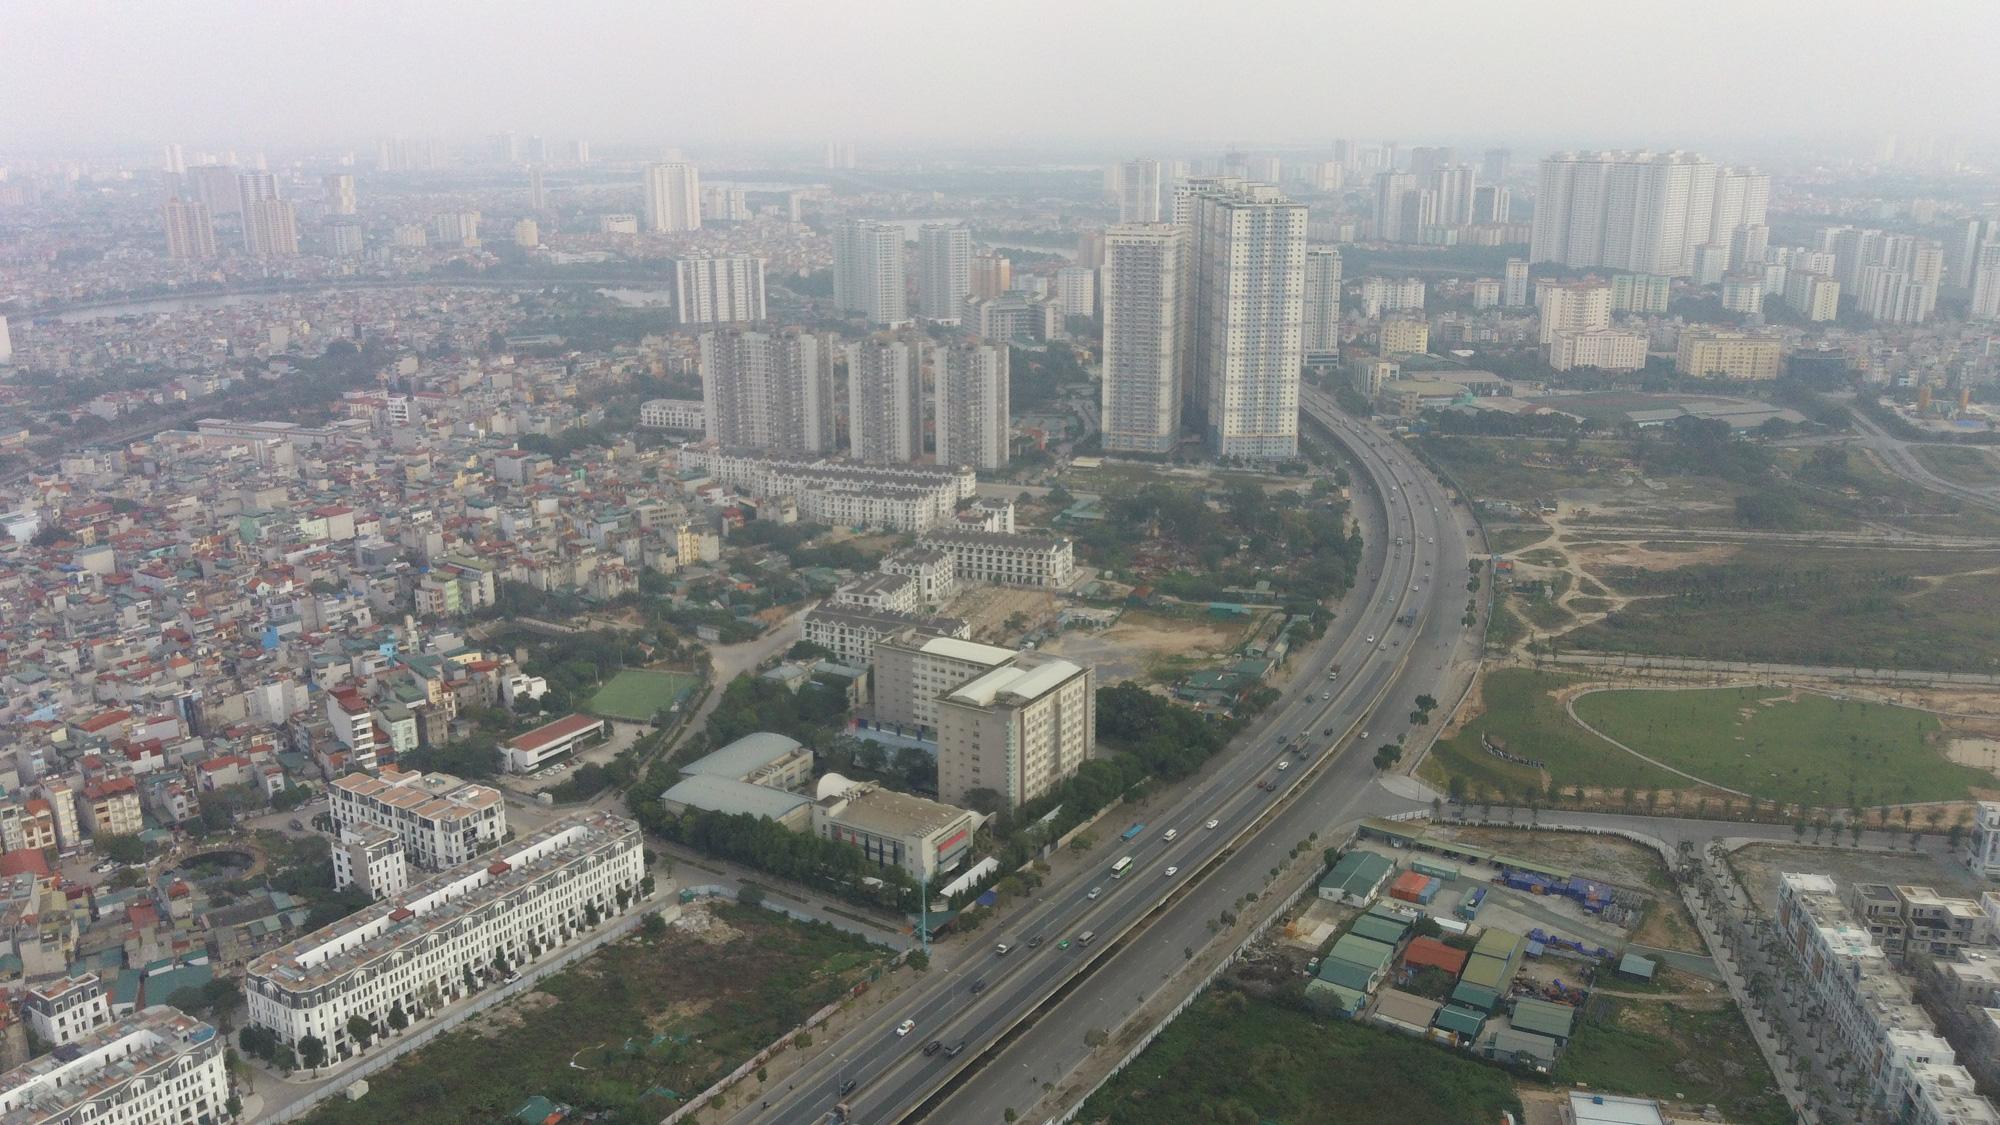 Hà Nội mù mịt ô nhiễm không khí nhìn từ trên cao dù trời có nắng - Ảnh 2.